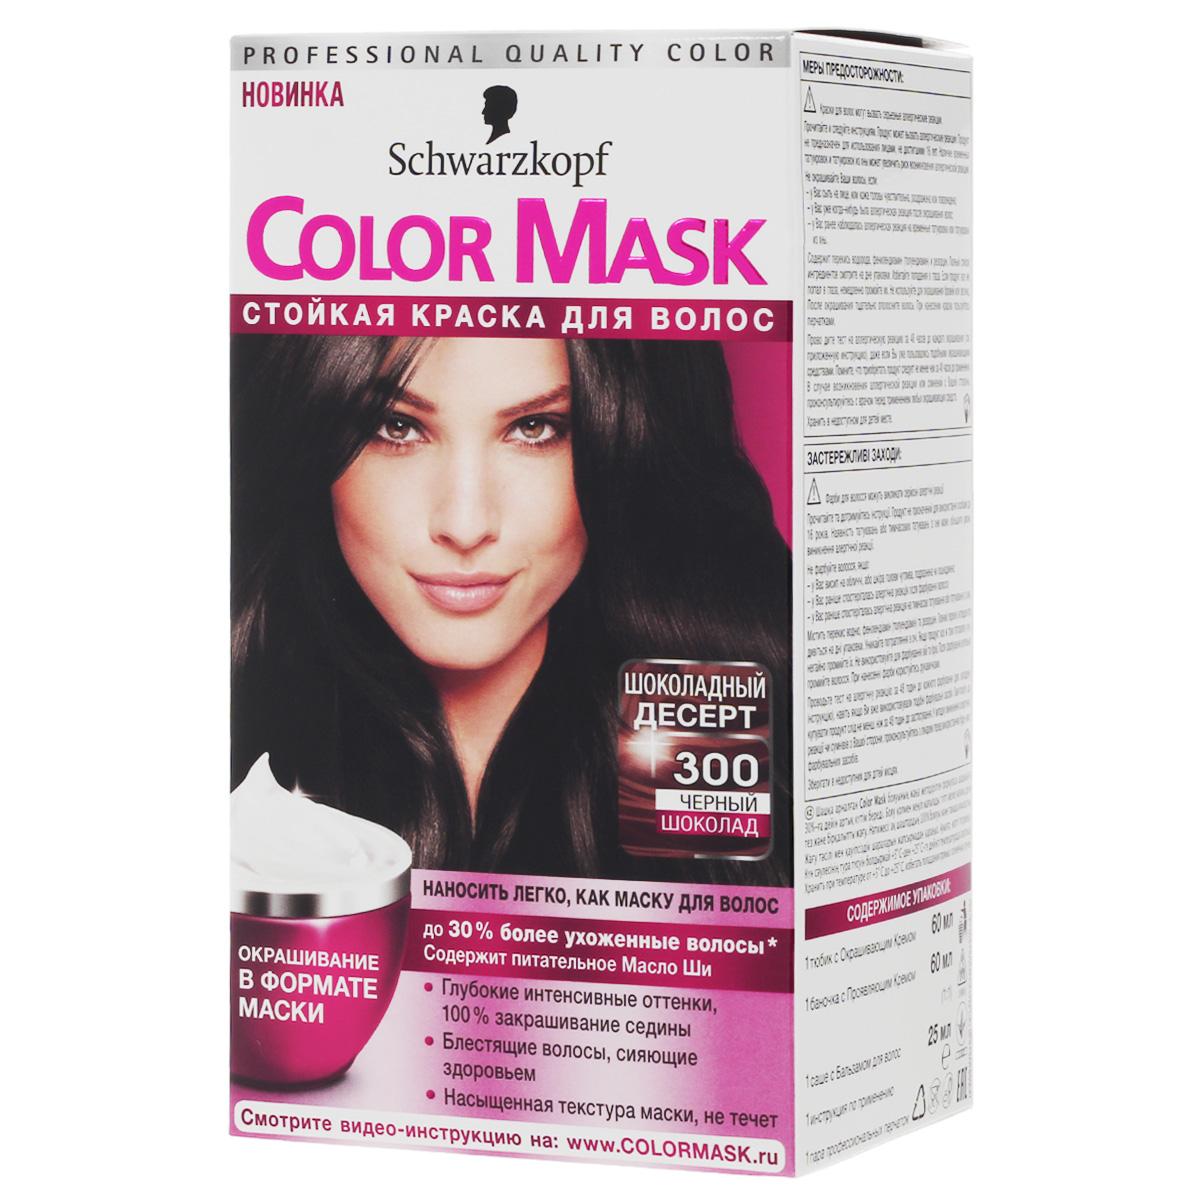 Color Mask краска для волос оттенок 300 Черно Каштановый, 145 мл9342610Color Mask - первая краска для волос в формате маски! Color Mask обладает уникальной текстурой маски. Именно новый уникальный формат позволяет достичь глубокого сияющего цвета и ослепительного блеска на много недель. При этом краска полностью закрашивает седину! Благодаря потрясающей кремовой текстуре, краска легко наносится руками. Вы ощутите новое измерение в окрашивании, созданное для быстрого и равномерного самостоятельного нанесения.